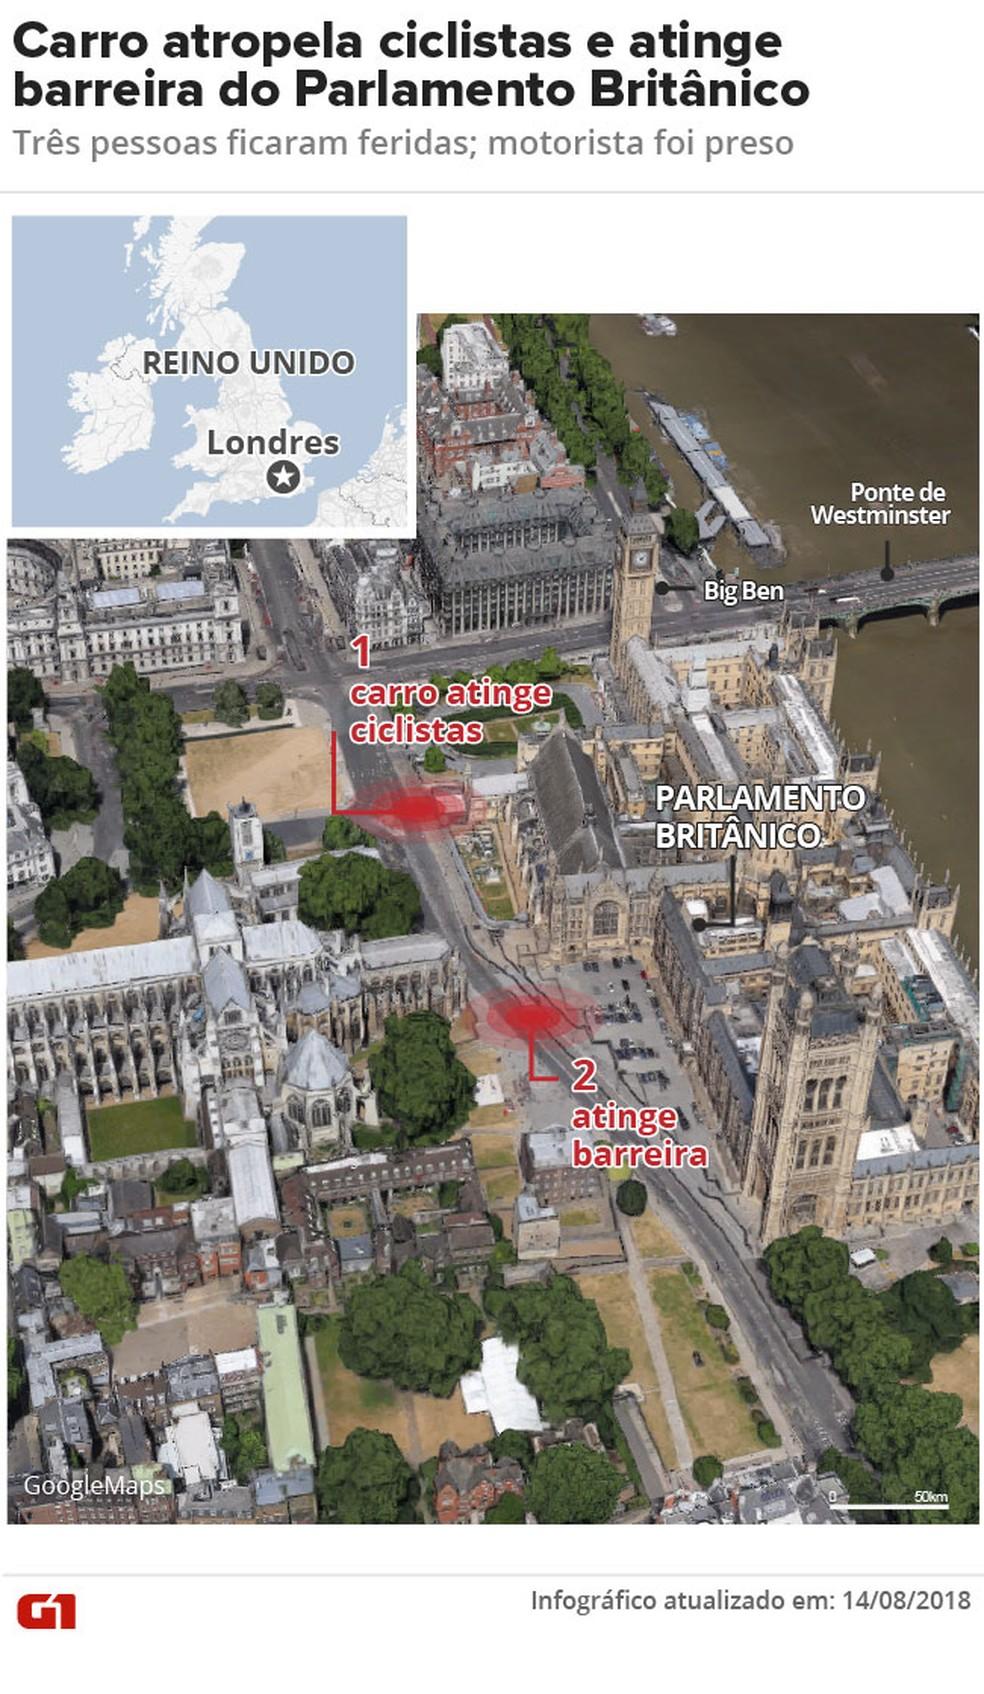 Carro atropela ciclistas e atinge barreira do Parlamento britânico (Foto: Karina Almeida/G1)